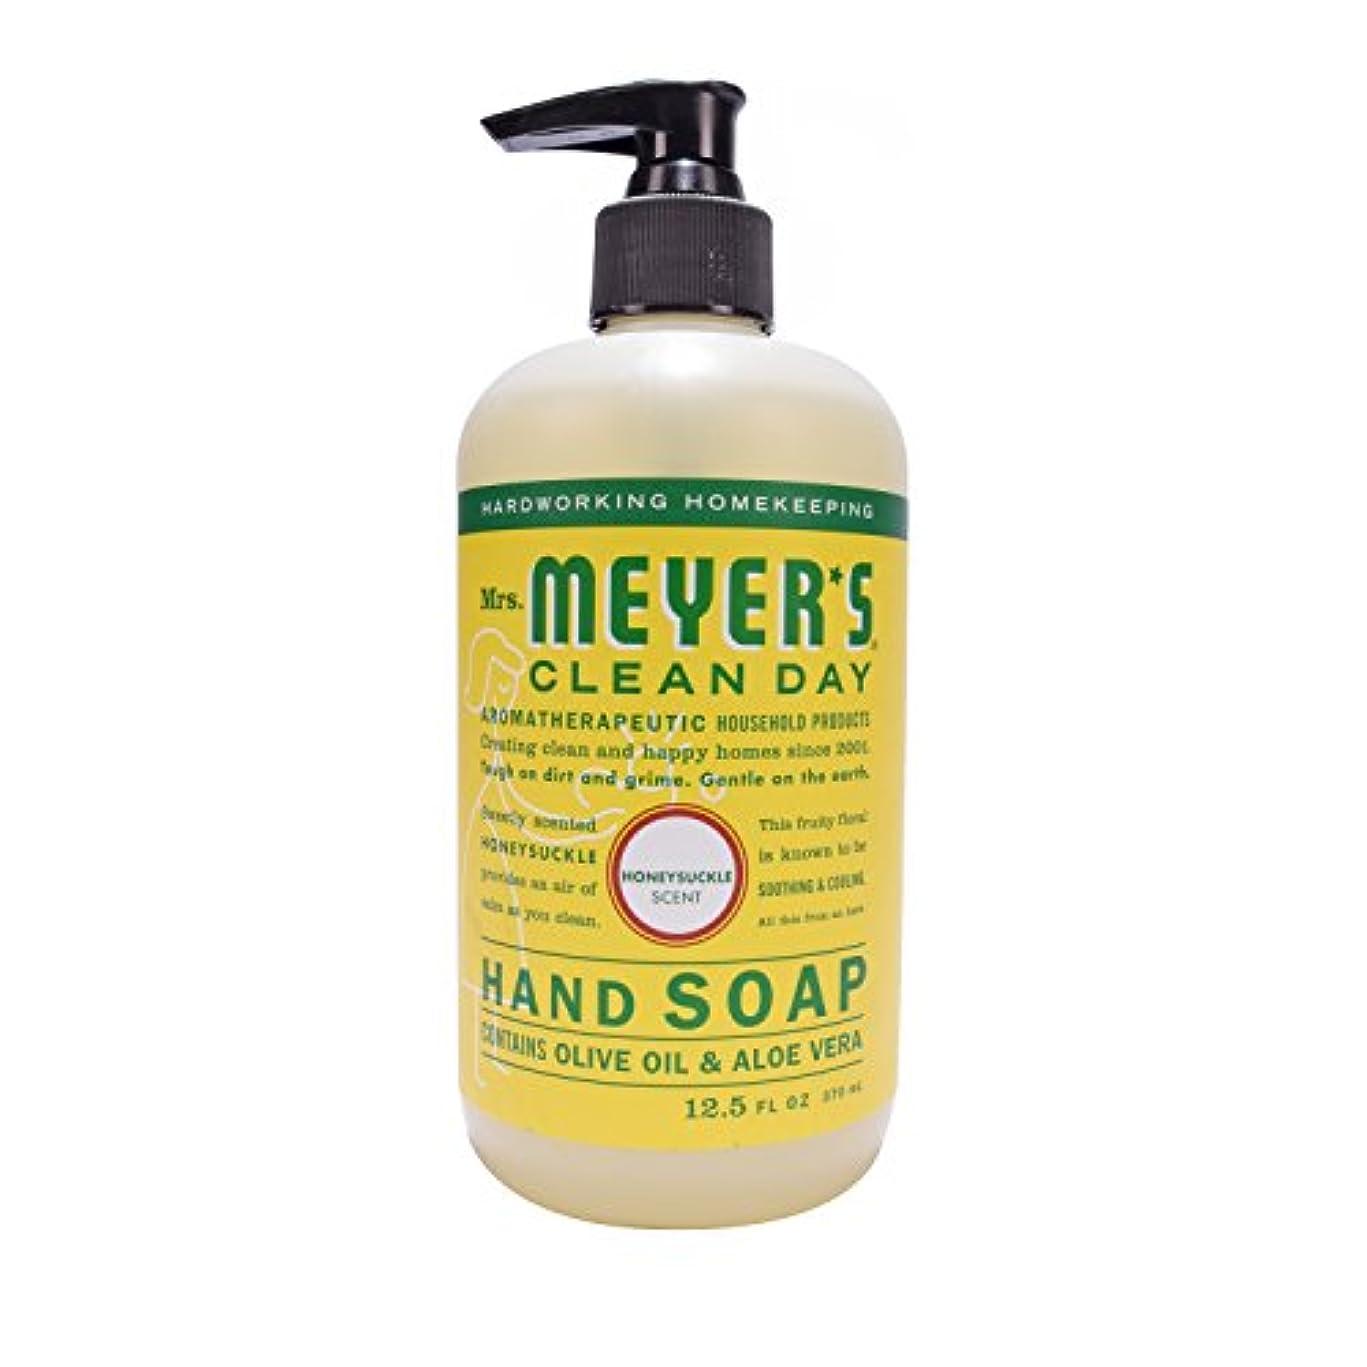 ソース文房具シェーバーMrs. Meyer's Clean Day Hand Soap Liquid, Honeysuckle, 12.5-Fluid Ounce Bottles by Mrs. Meyer's Clean Day